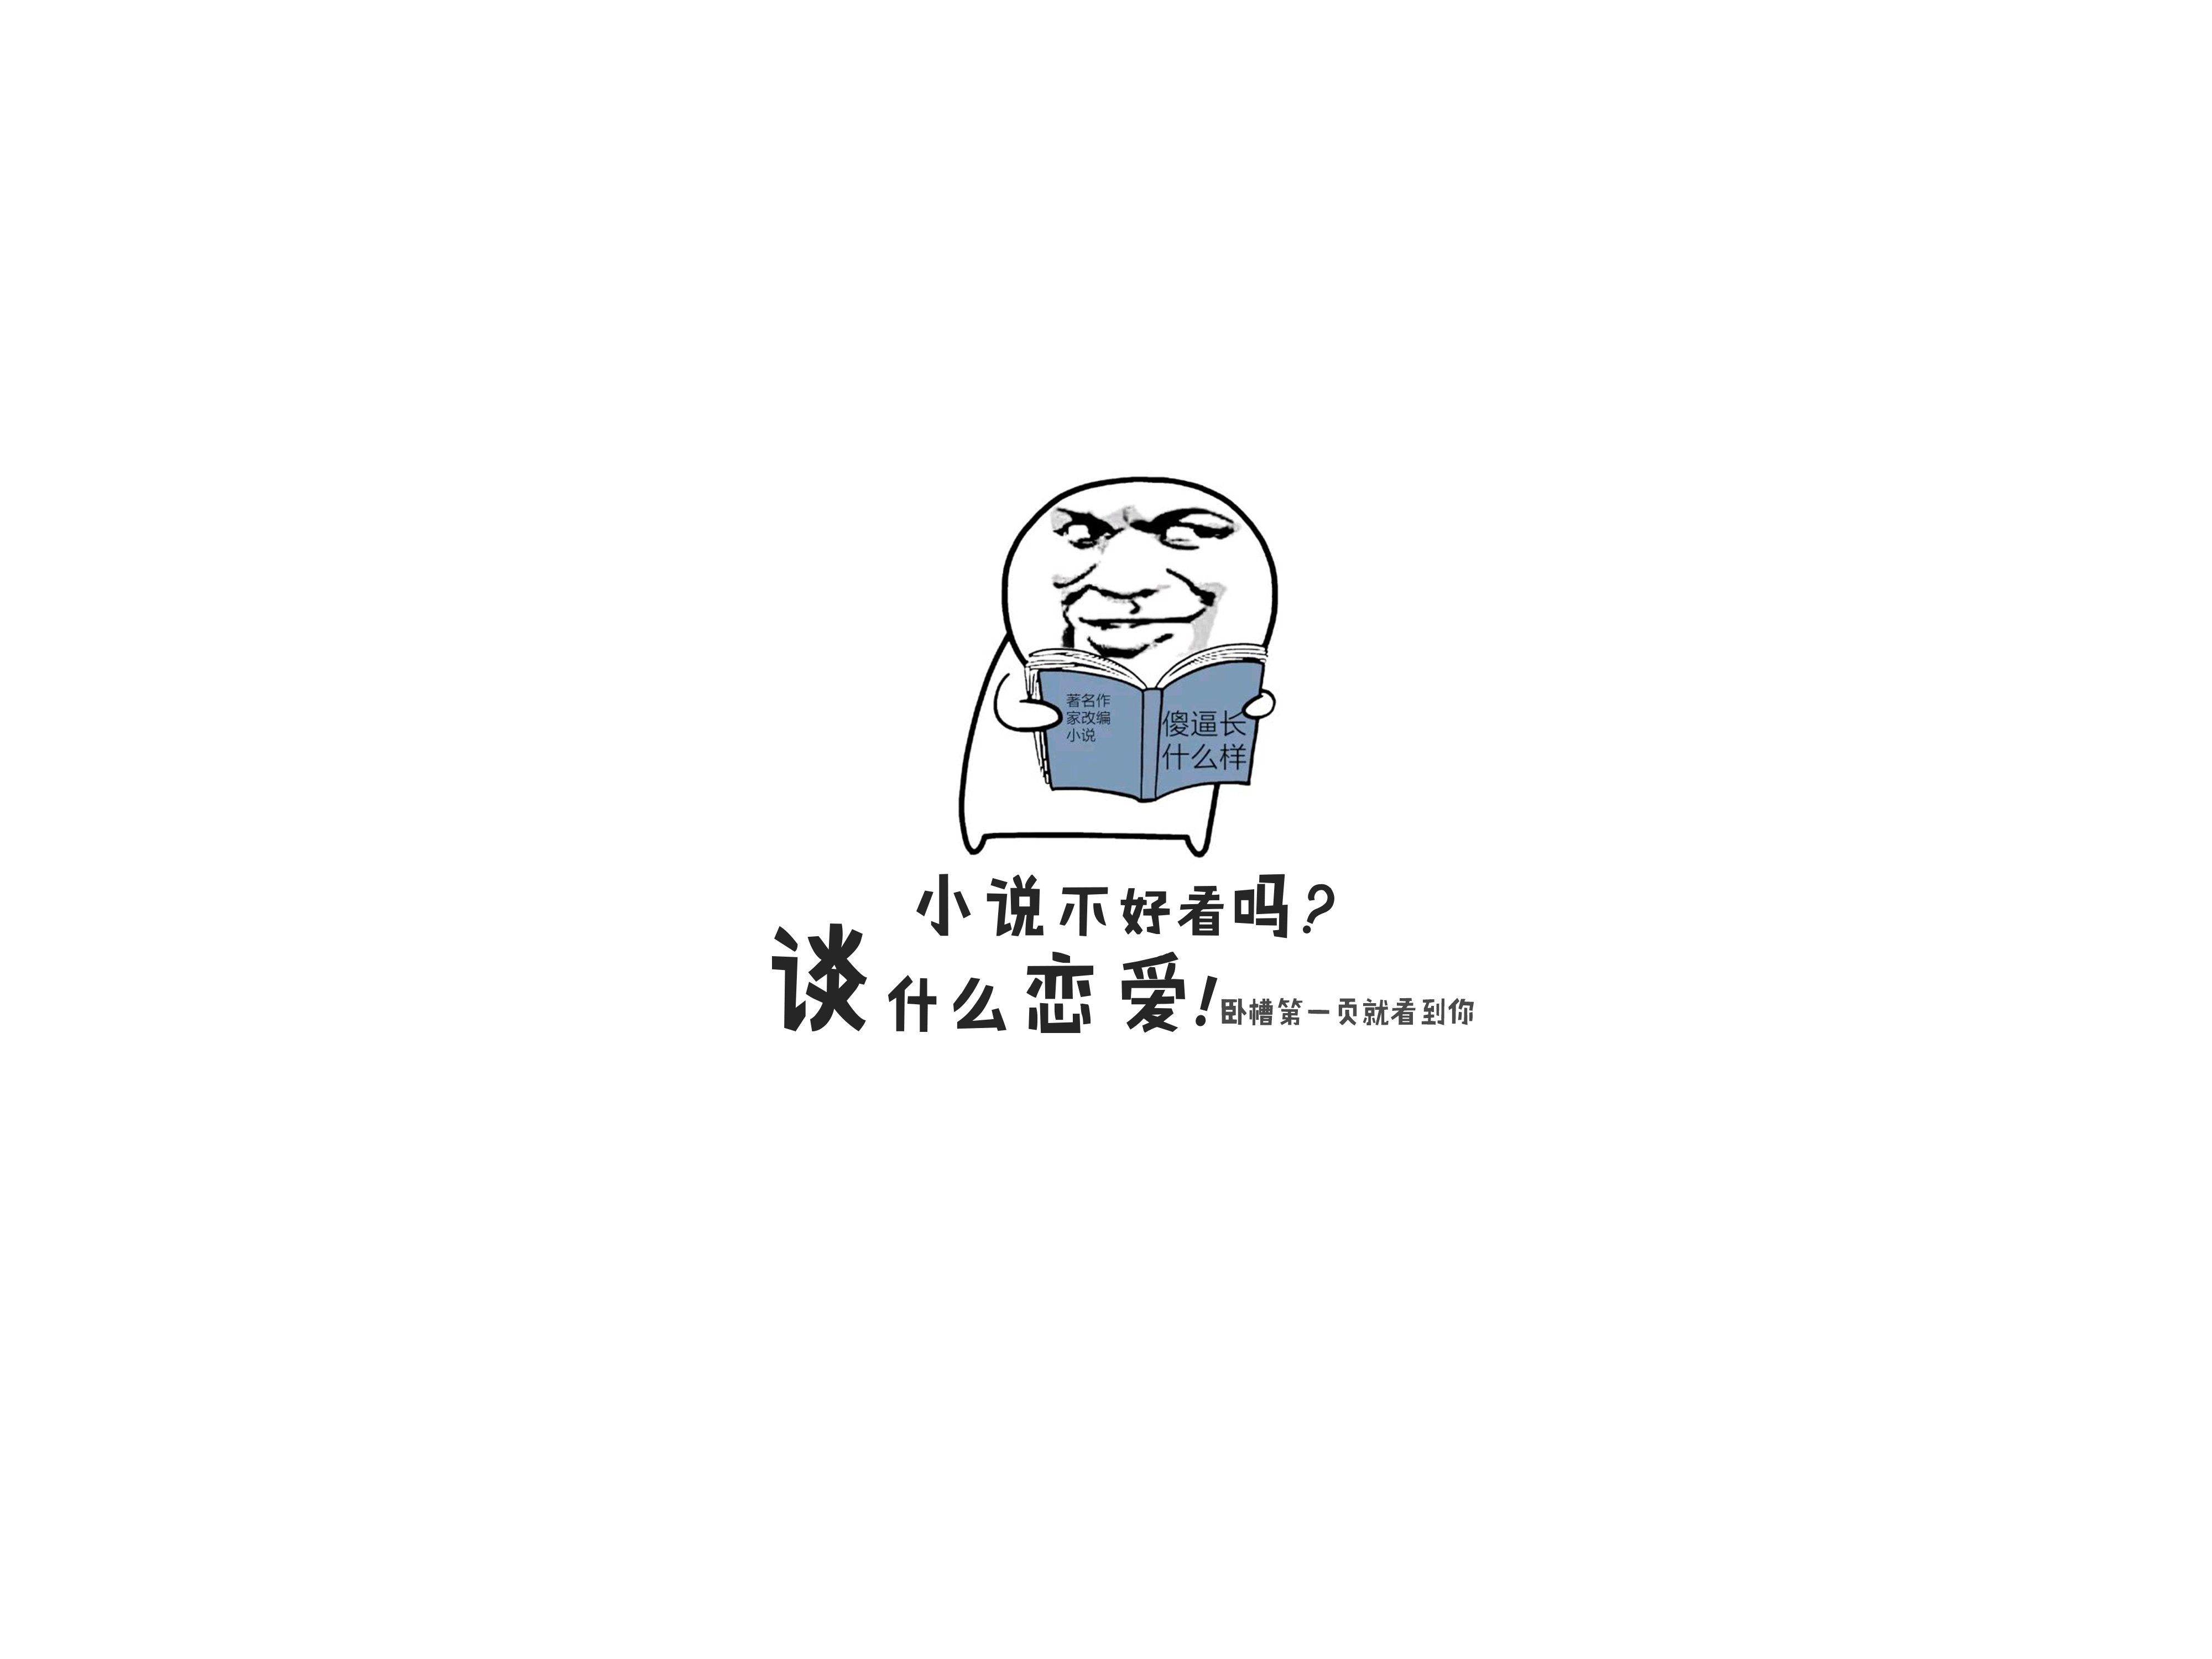 韩系长丝巾如何系雅观 2014最新系法图解教你变气